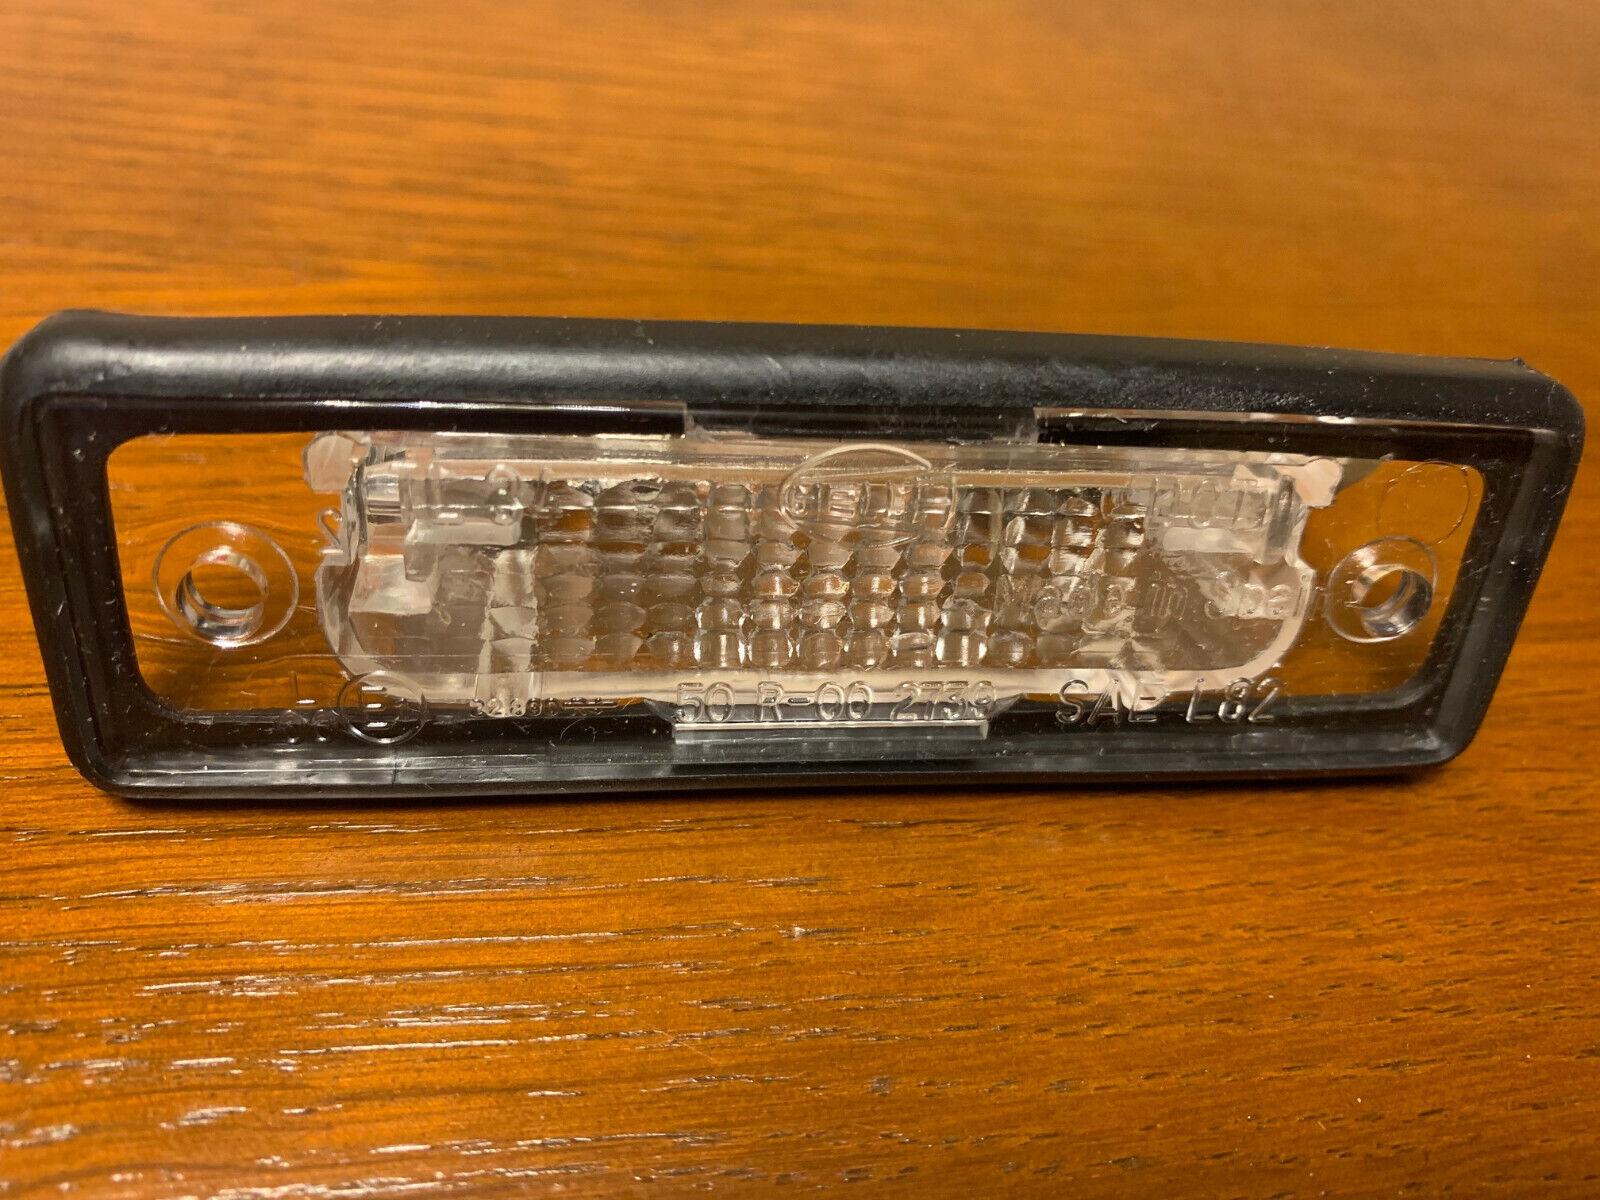 2KA 005 049-008 HELLA Licence Plate Light C5W